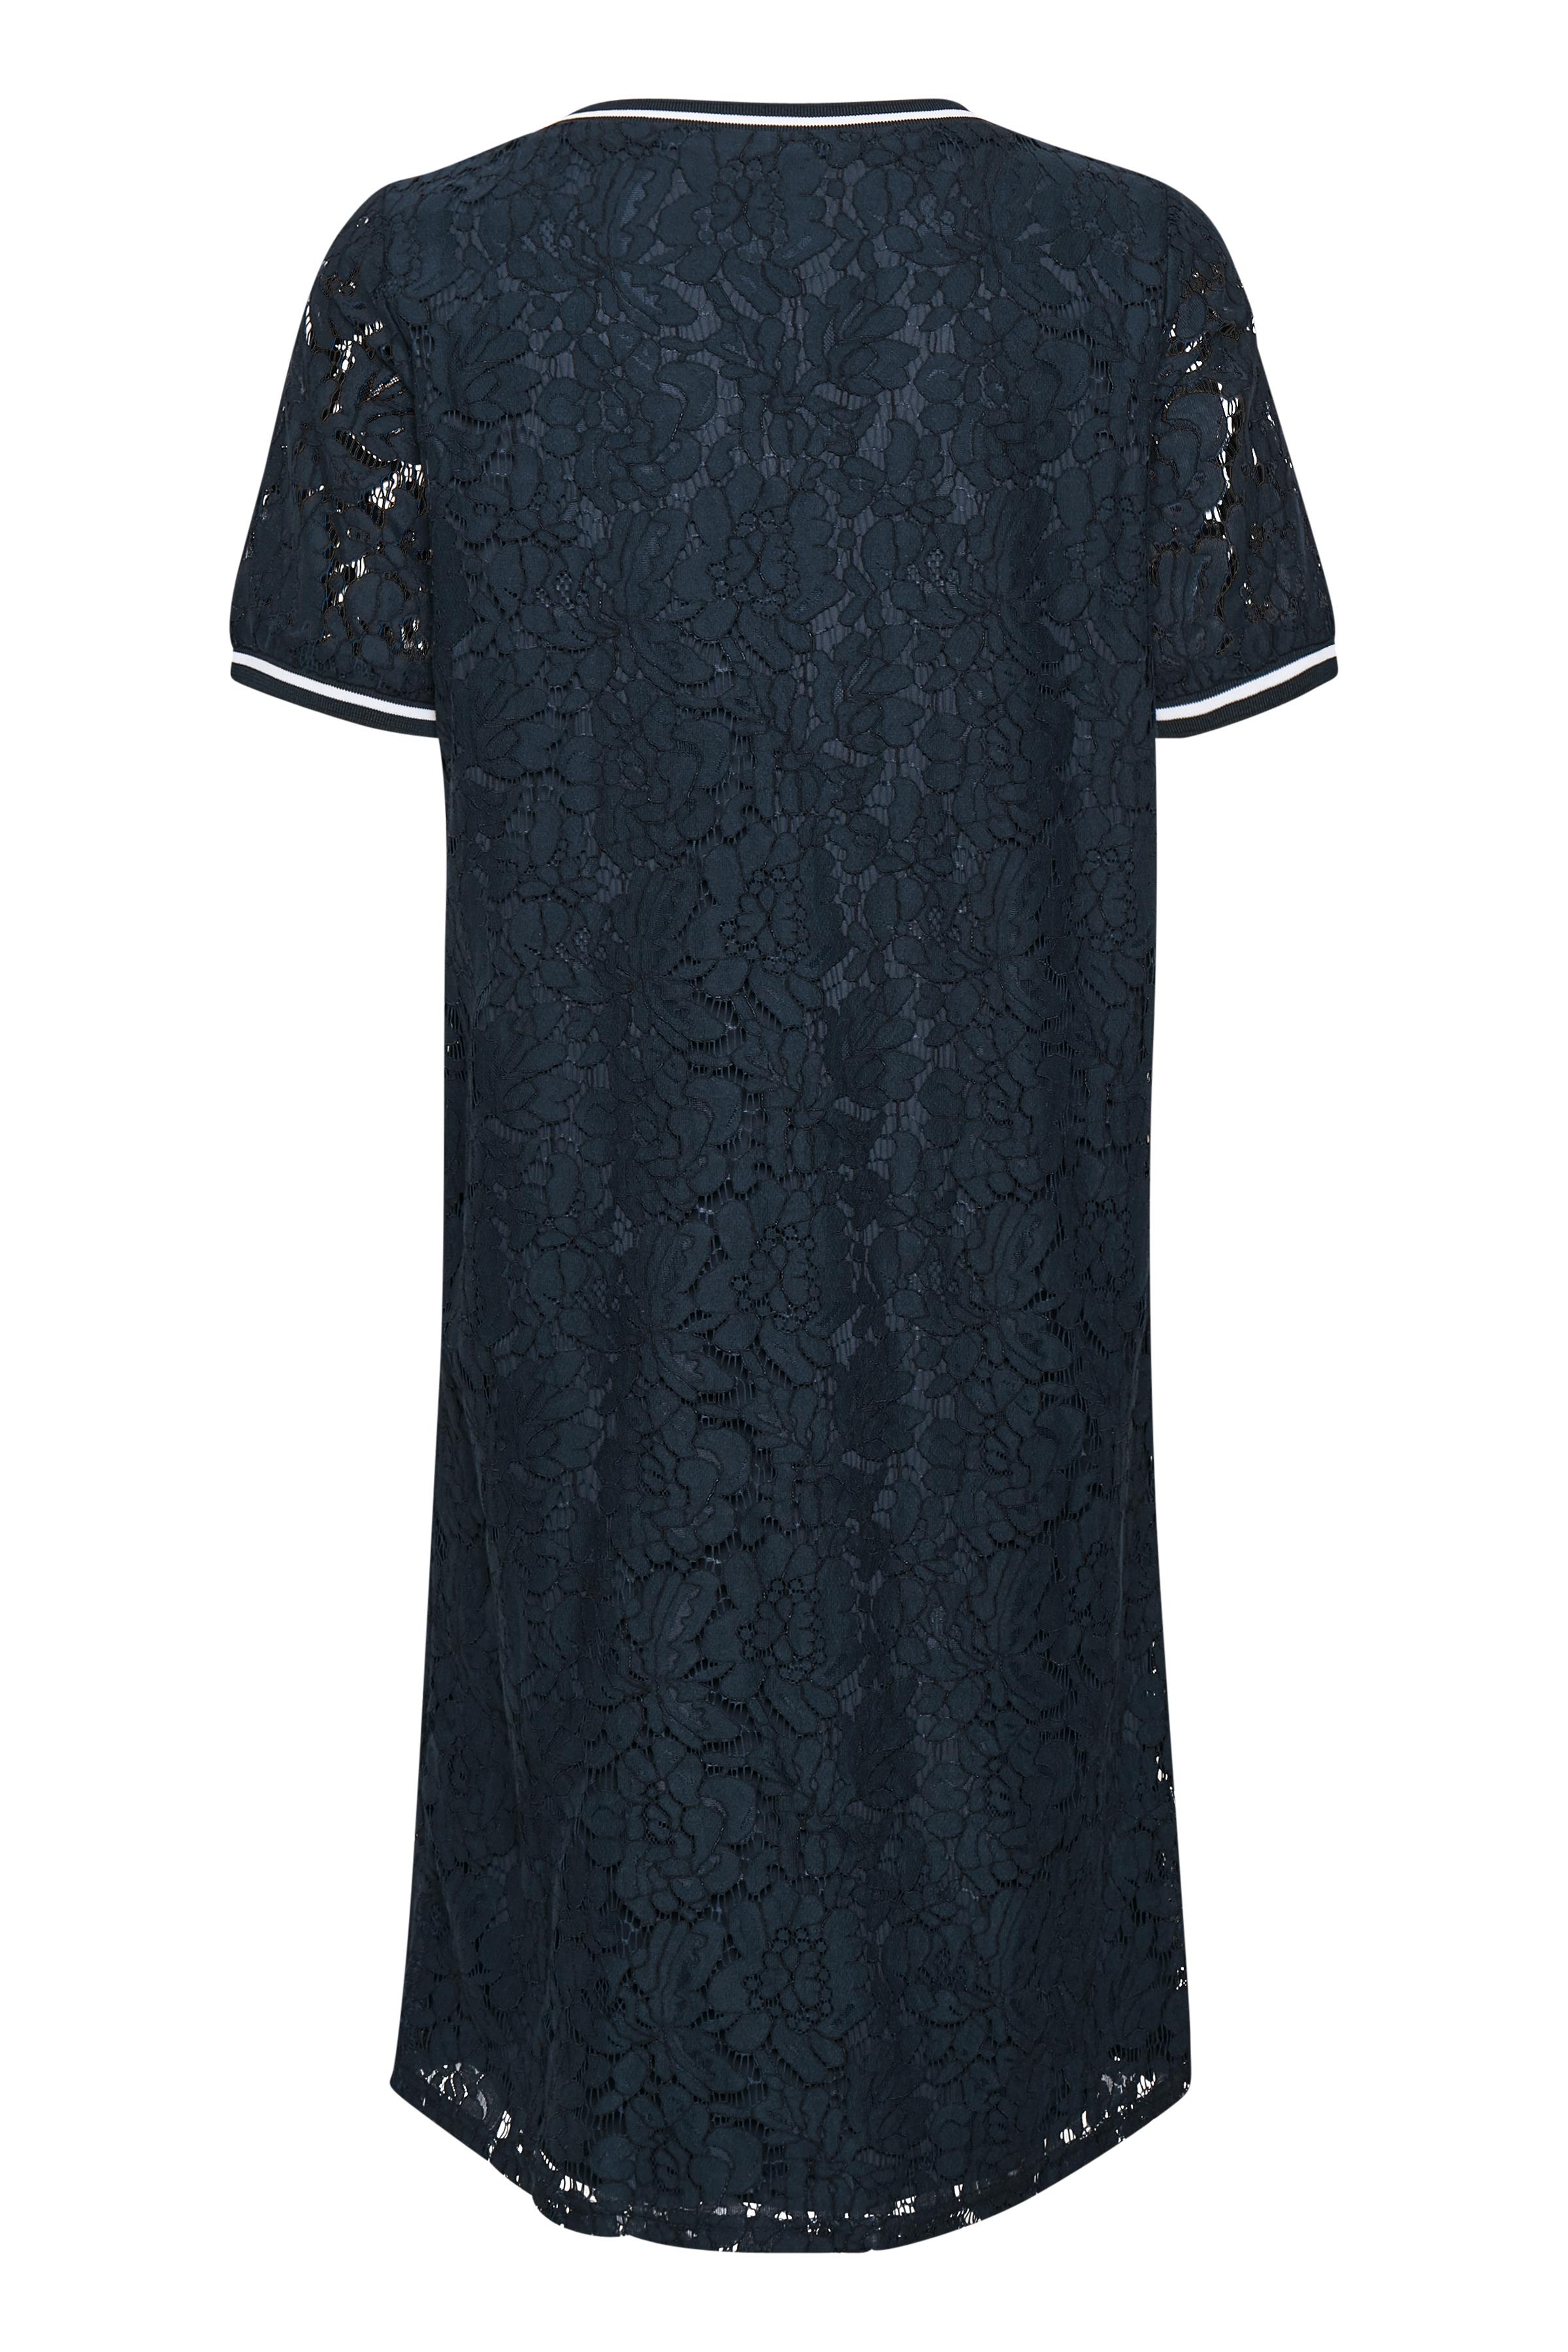 Marinblå Klänning från Bon'A Parte – Köp Marinblå Klänning från stl. S-2XL här